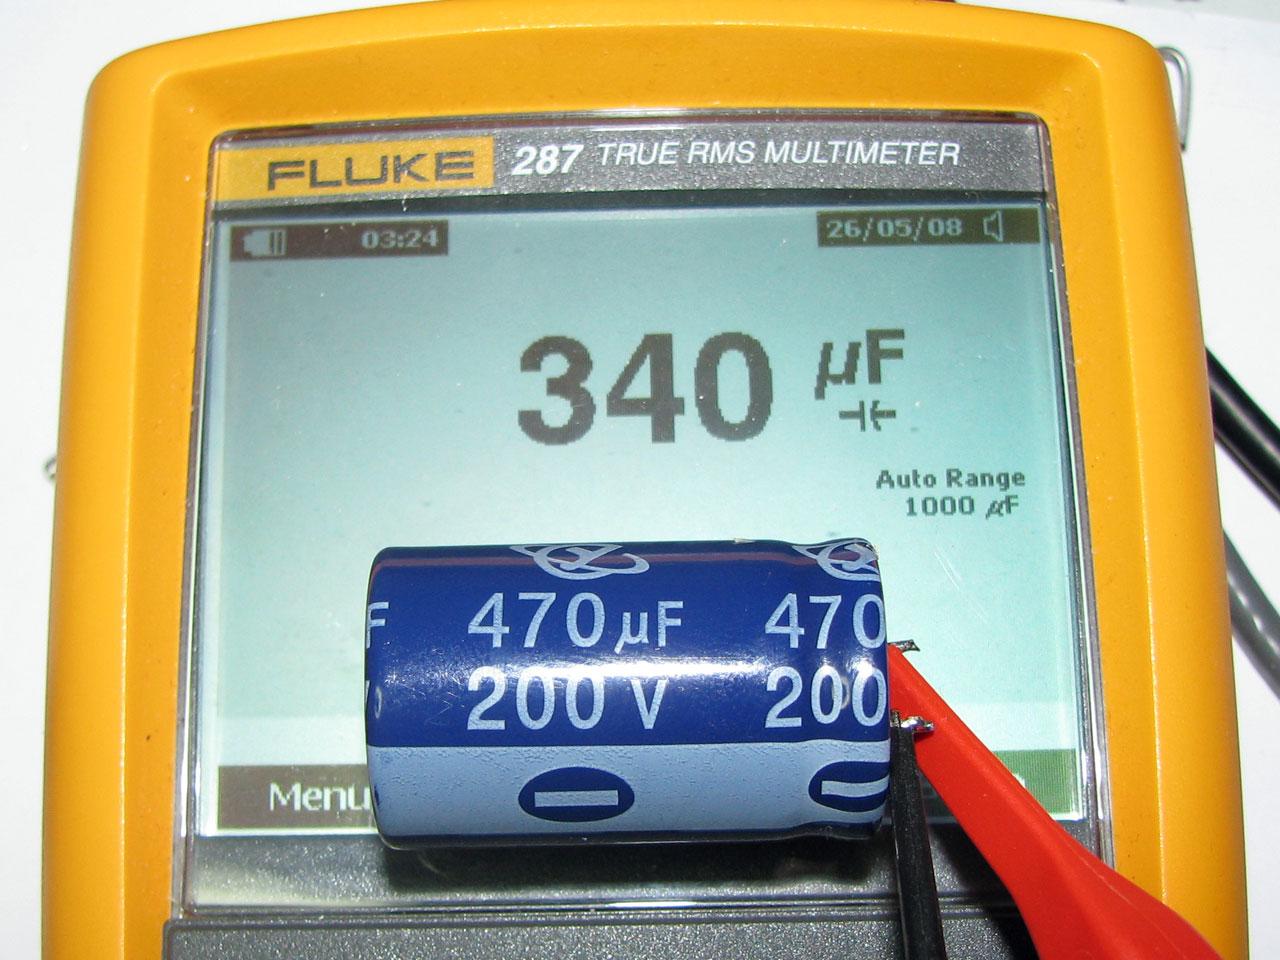 Canard pc hardware archives - Comment savoir si le courant passe avec un multimetre ...